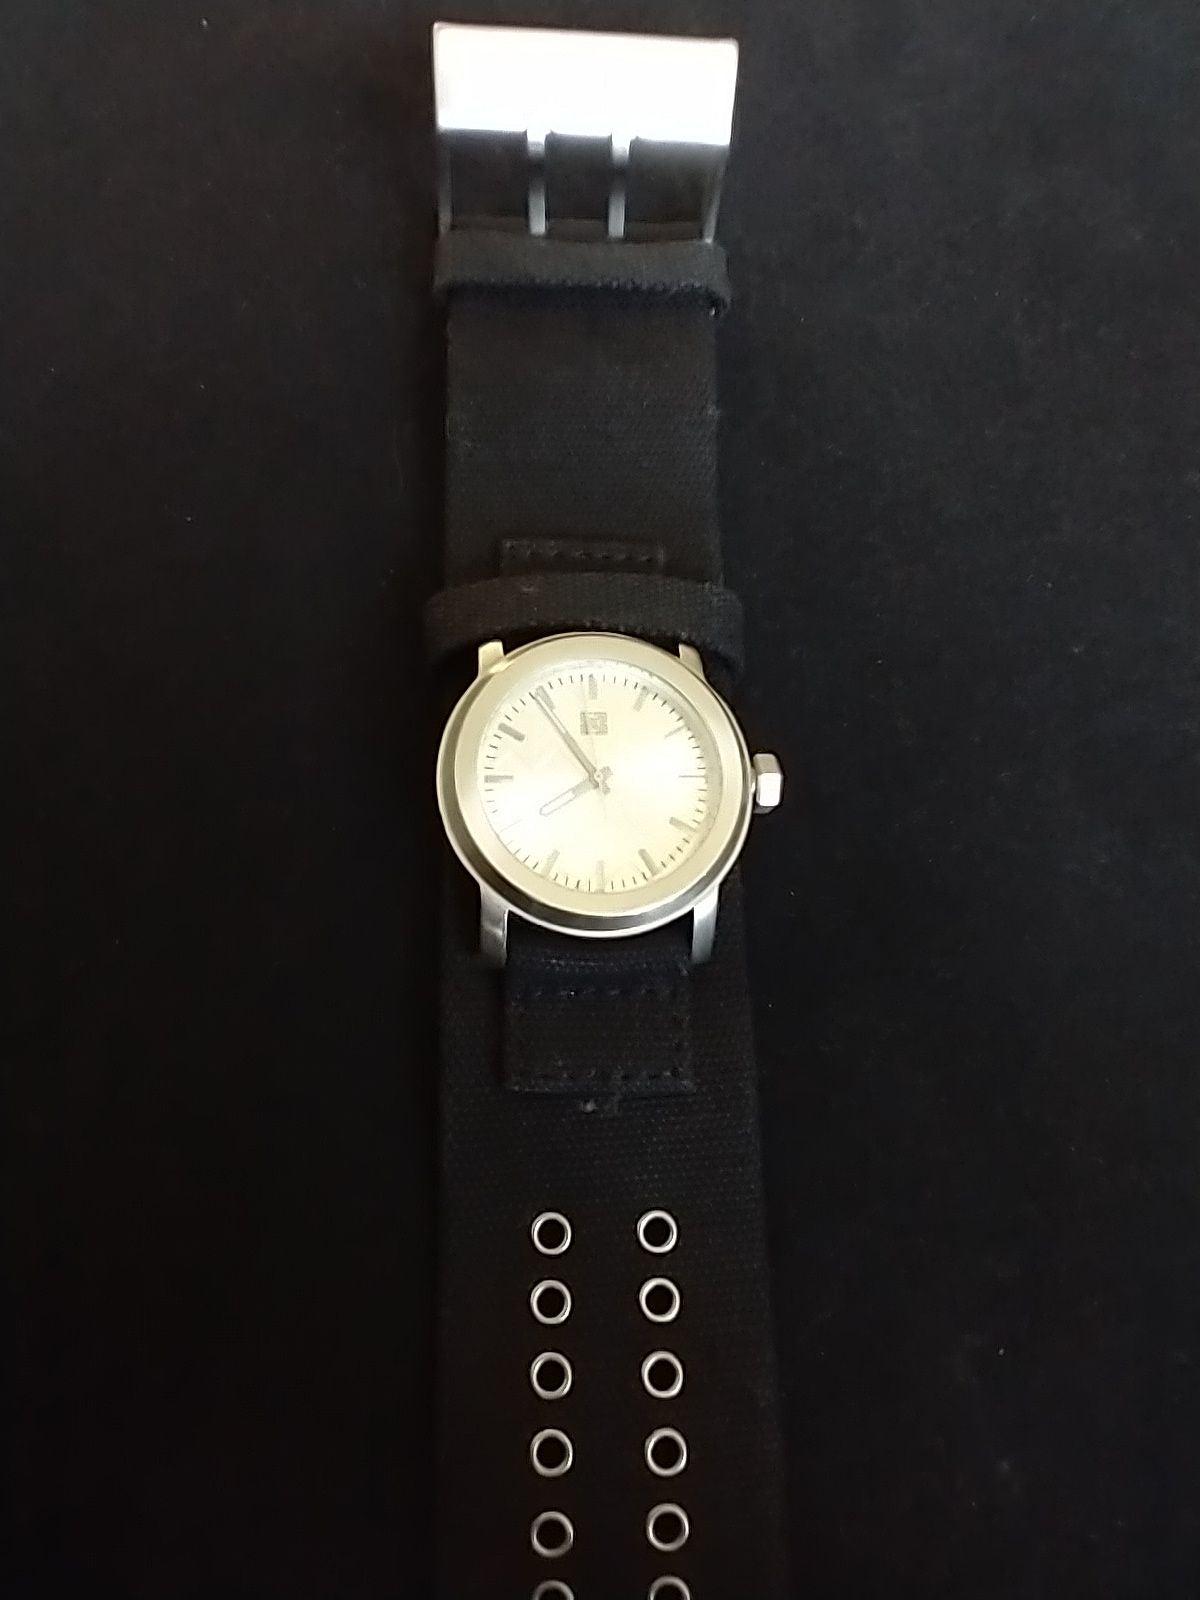 KREW Black Cloth Watch KR3W